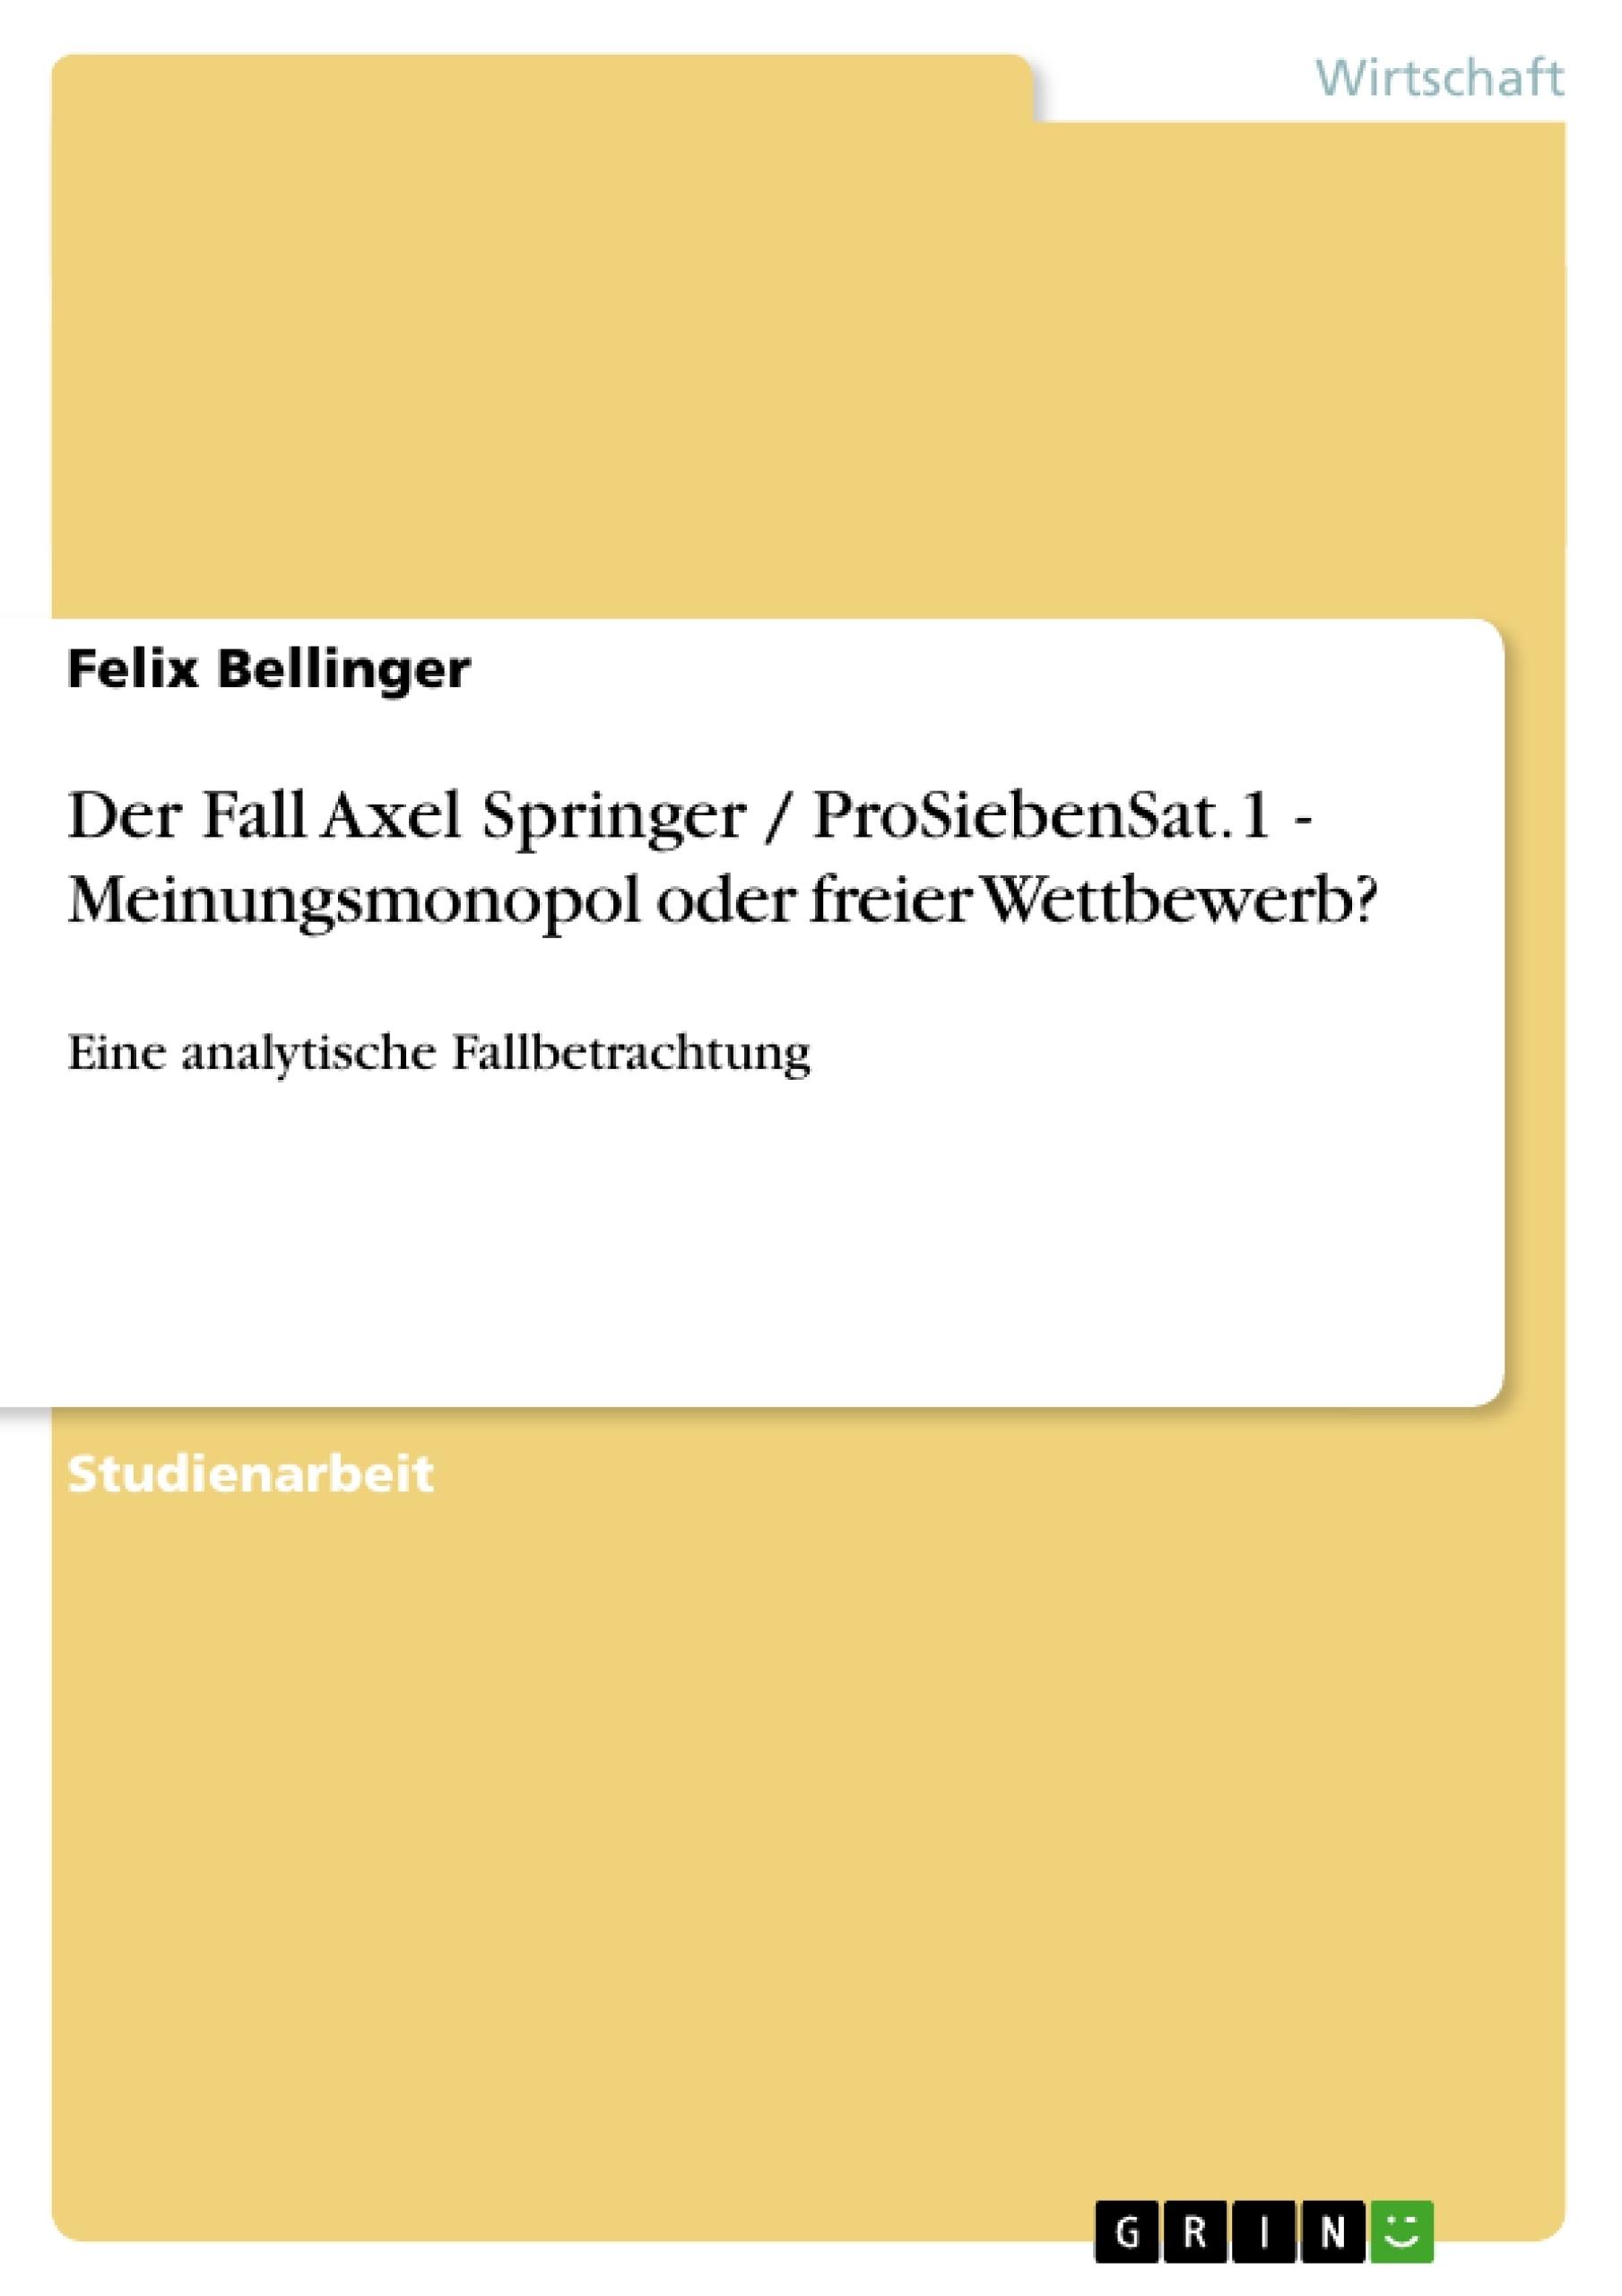 Titel: Der Fall Axel Springer / ProSiebenSat.1 - Meinungsmonopol oder freier Wettbewerb?